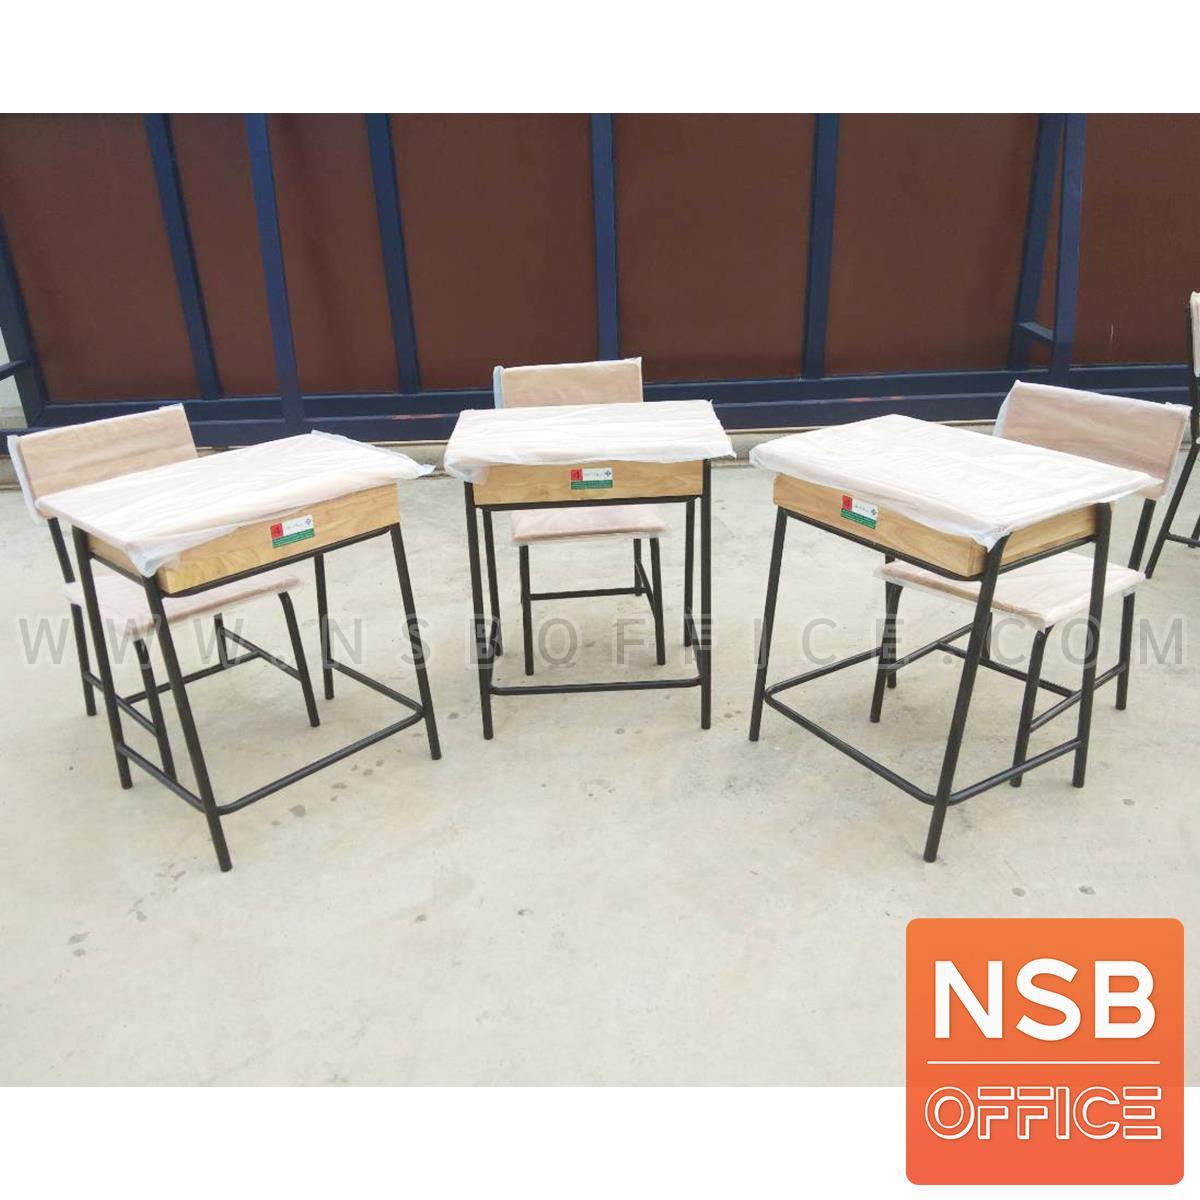 A17A033:ชุดโต๊ะและเก้าอี้นักเรียน มอก. รุ่น FLORIDA (ฟลอริดา)  ขาสีดำ ระดับอนุบาล